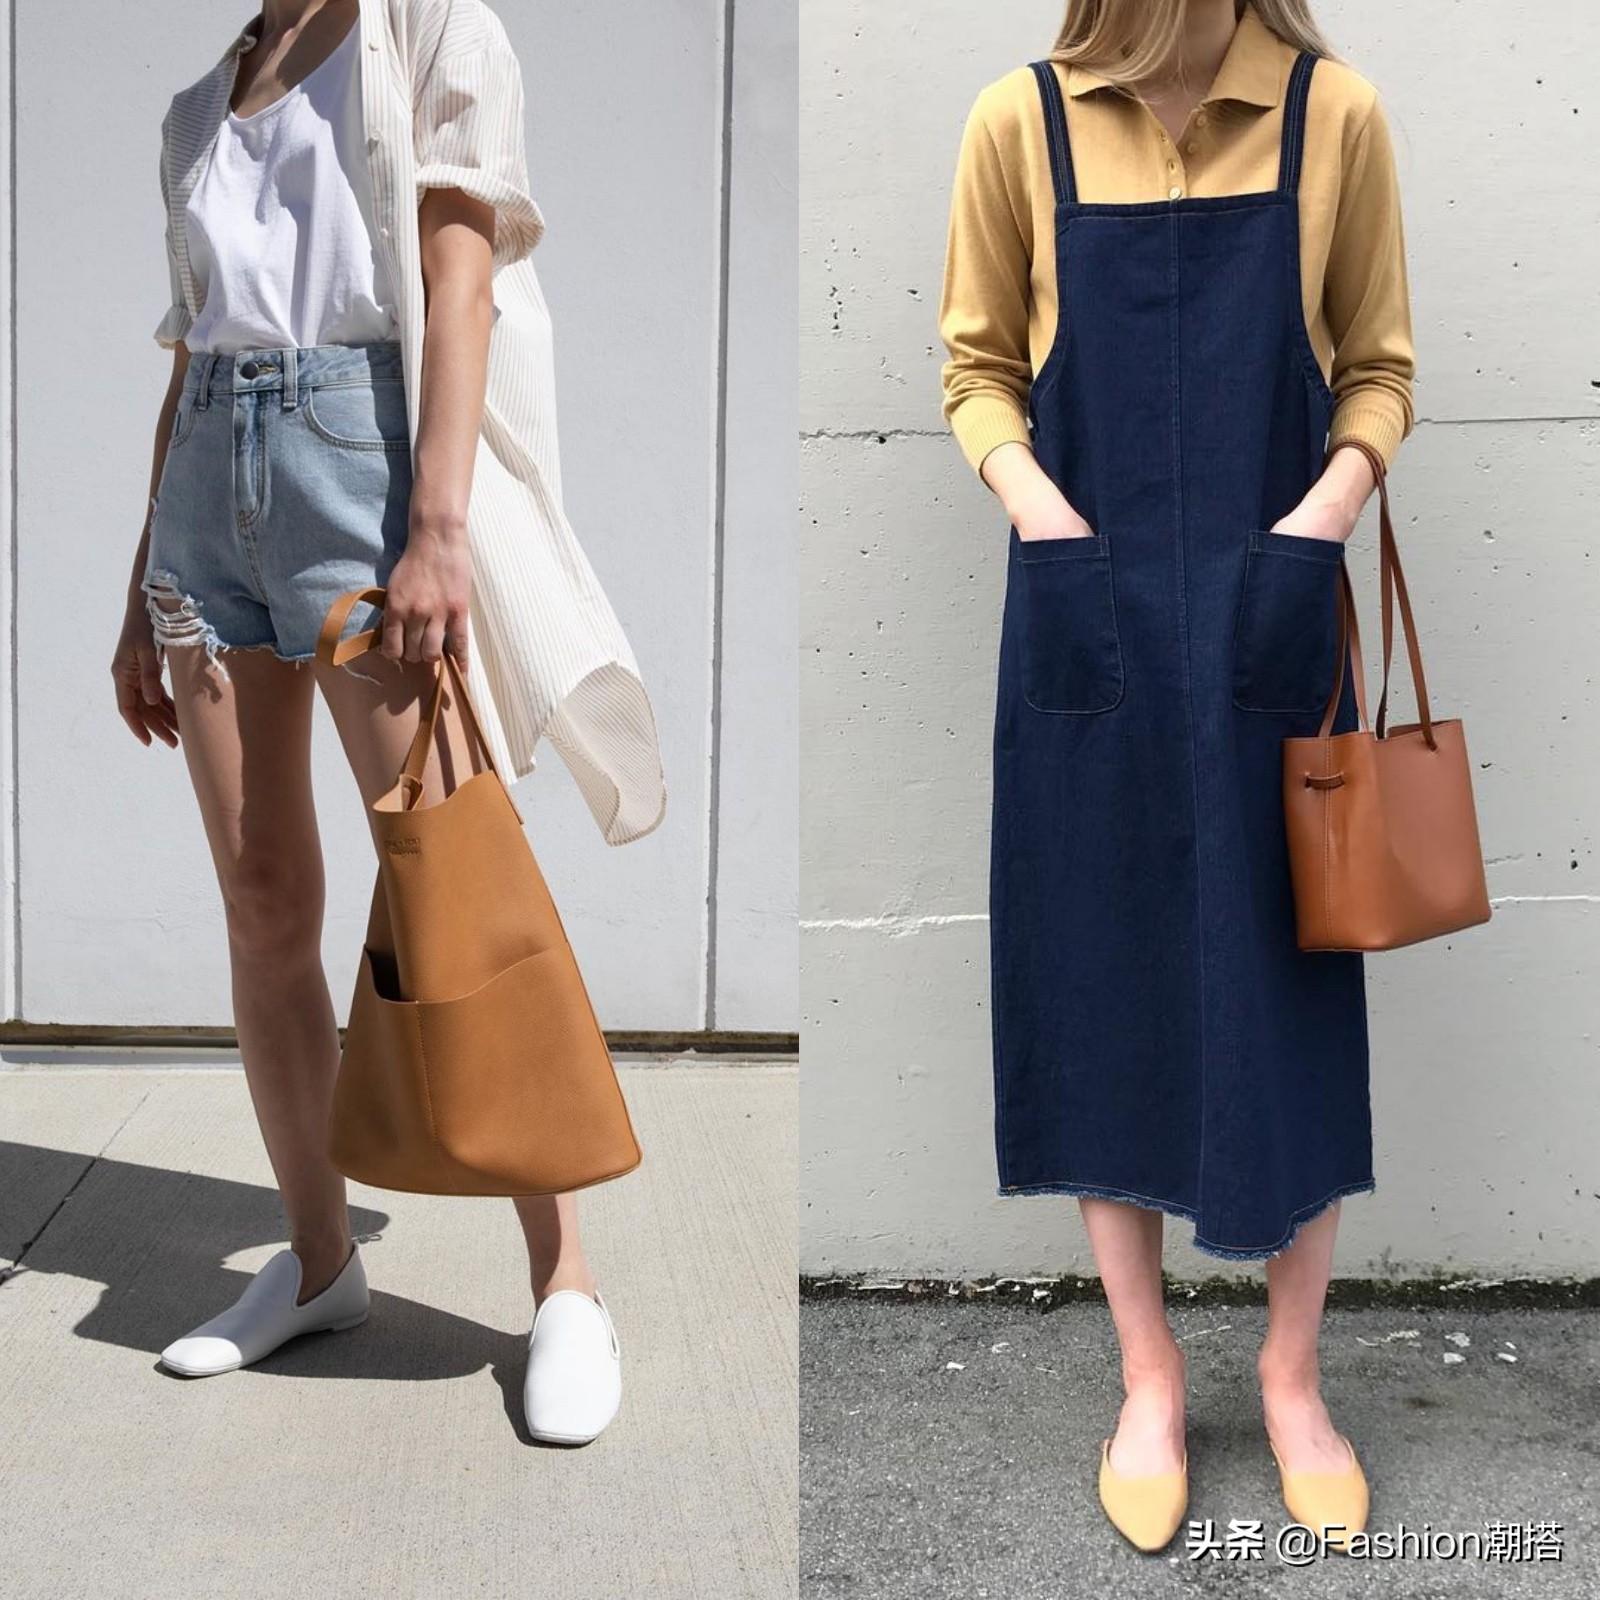 清凉显瘦,利落又时髦上天的搭配,简直就是夏季穿搭的范本